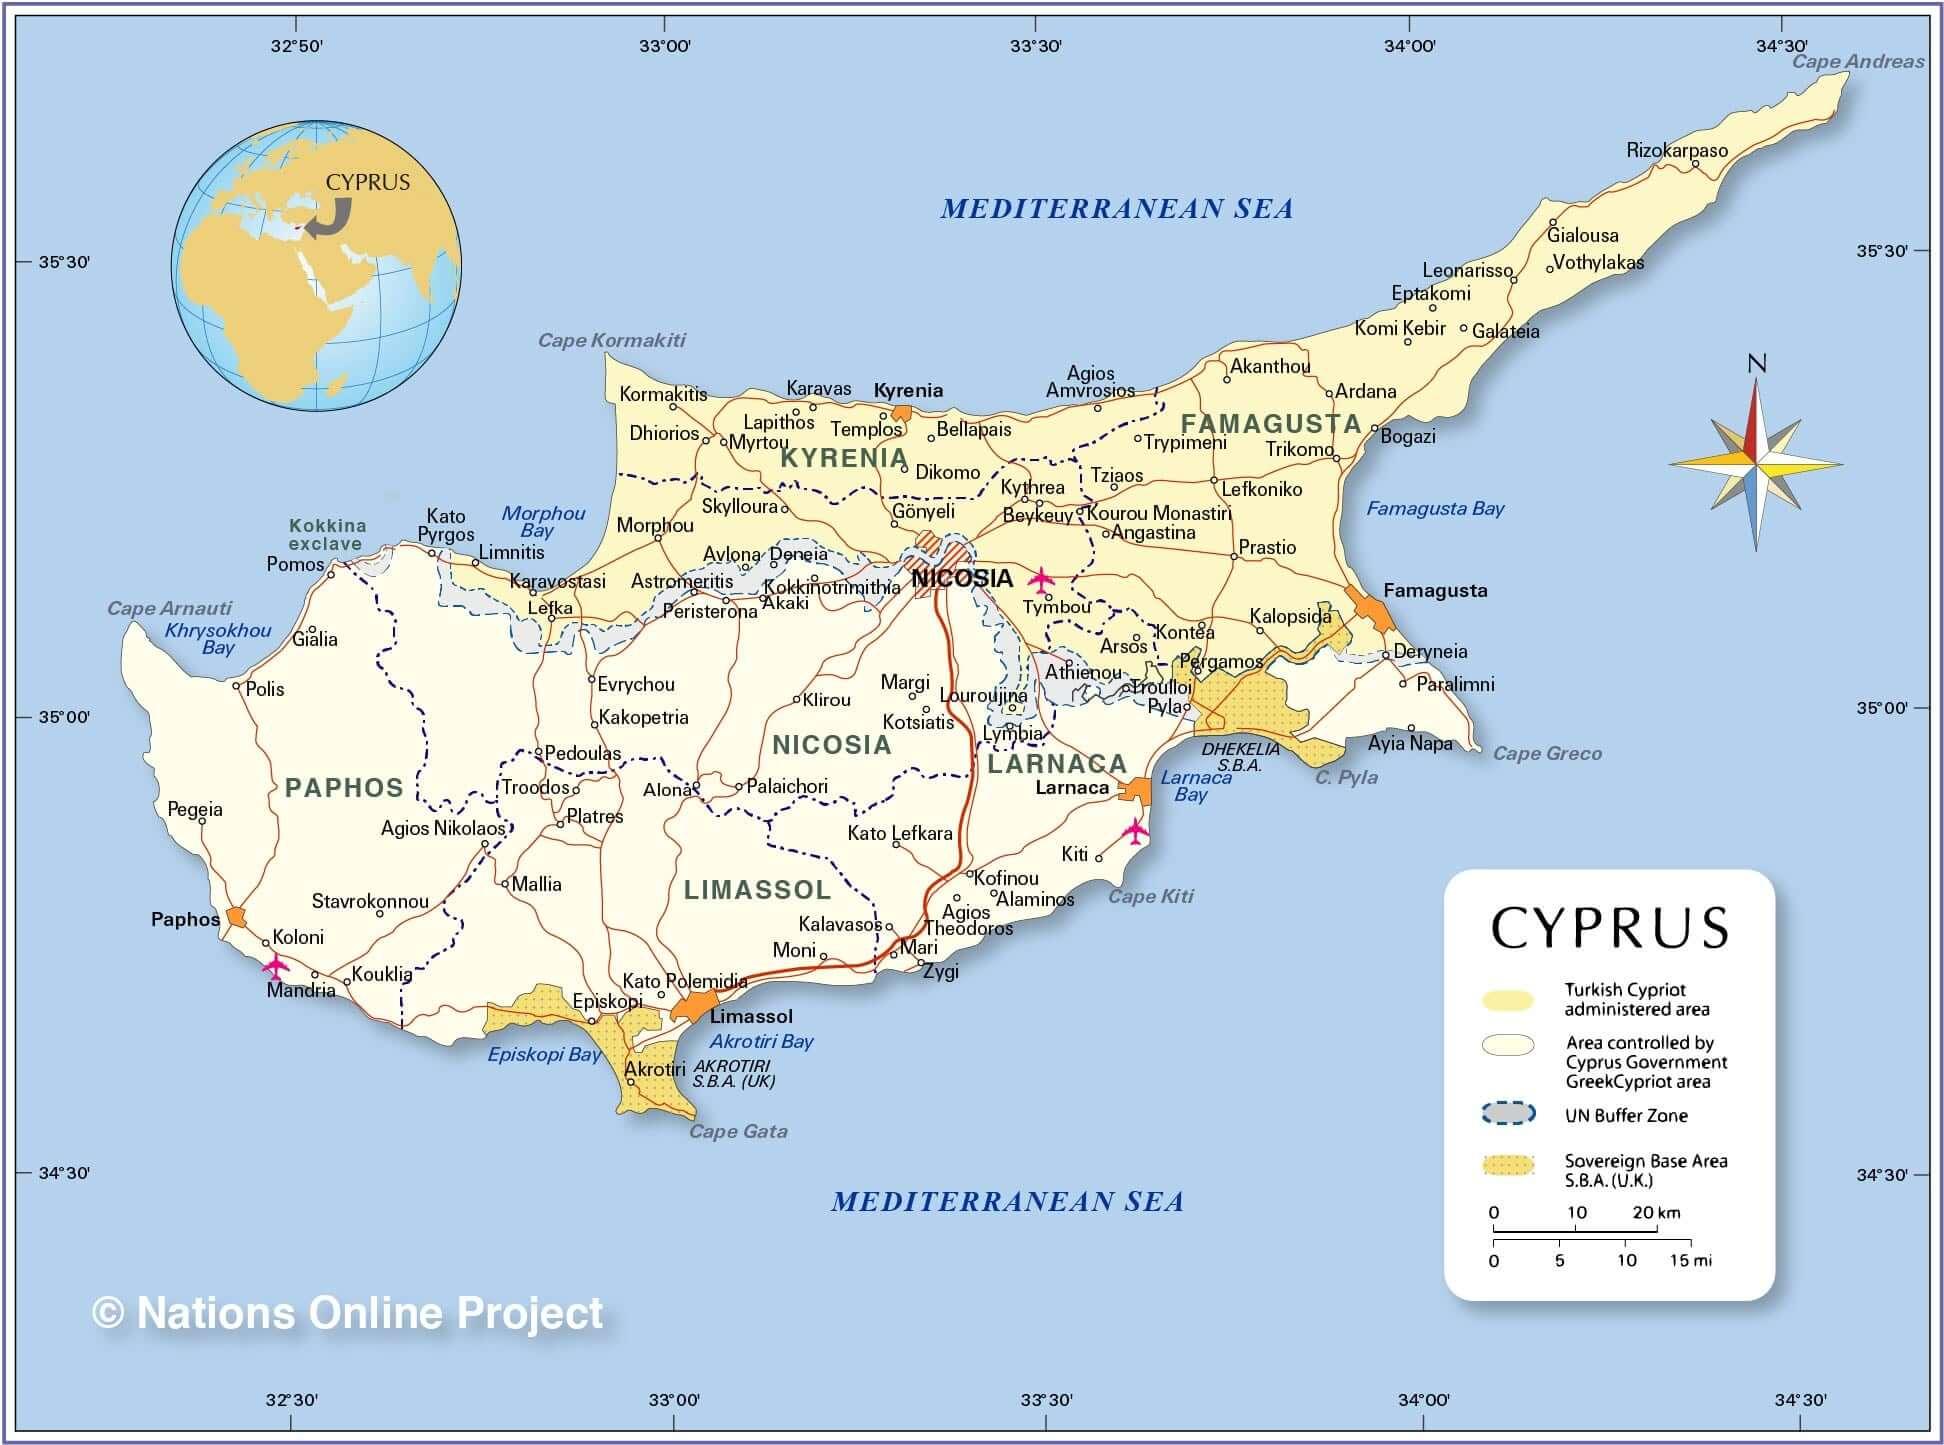 Που στοχεύει η πρόταση της Τουρκίας για δυο κράτη στην Κύπρο;